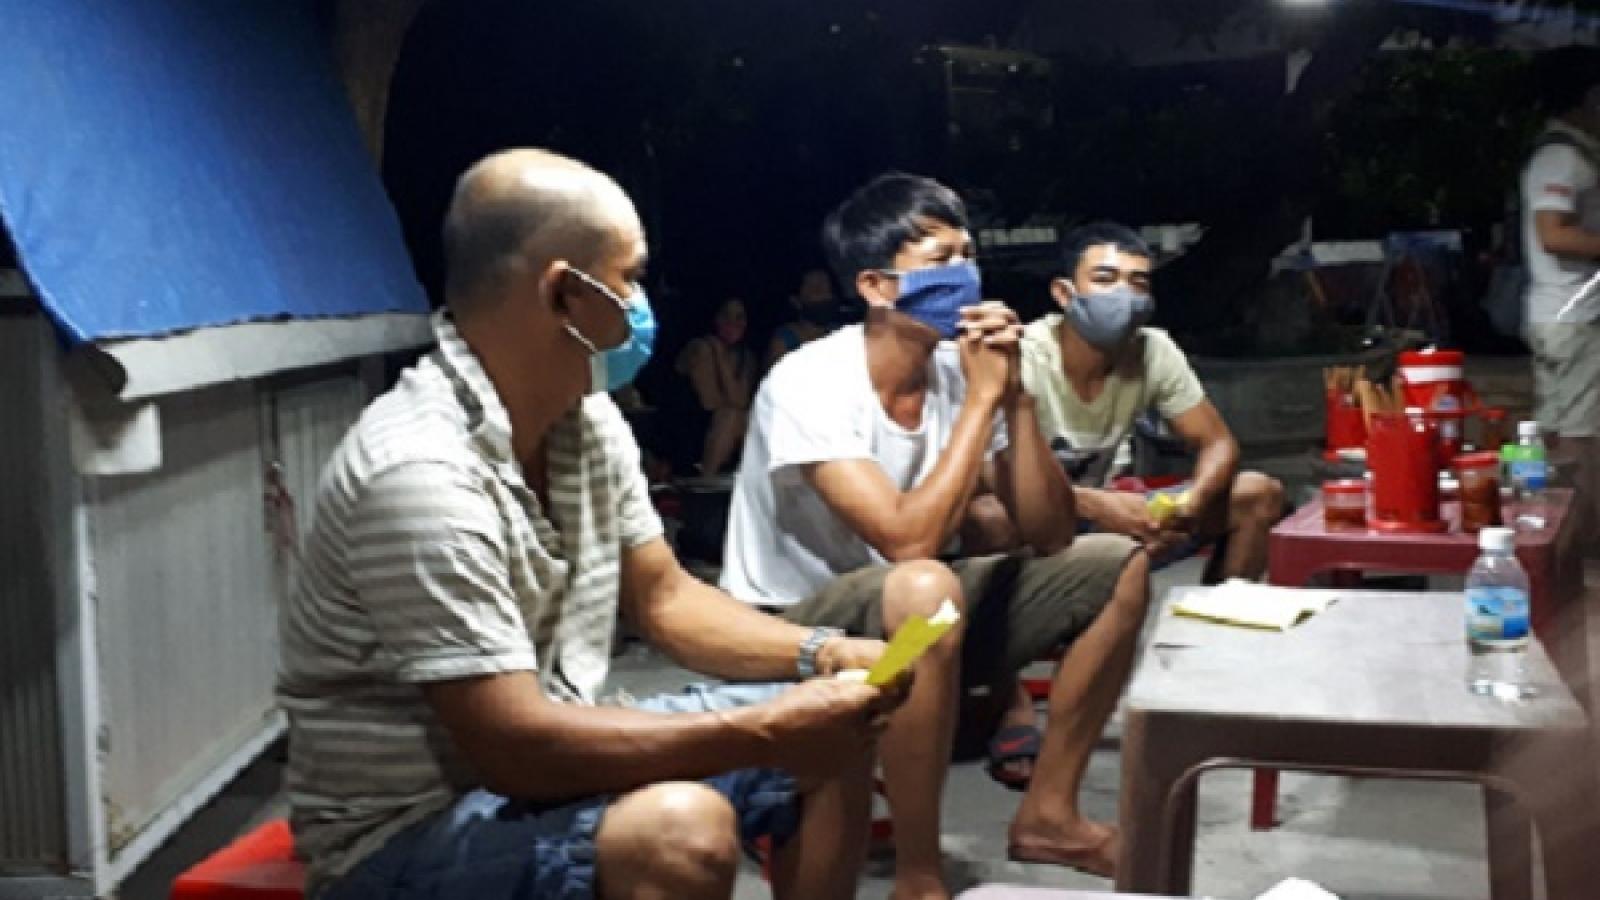 3 tài xế khai báo gian dối để trốn cách ly y tế tại Huế